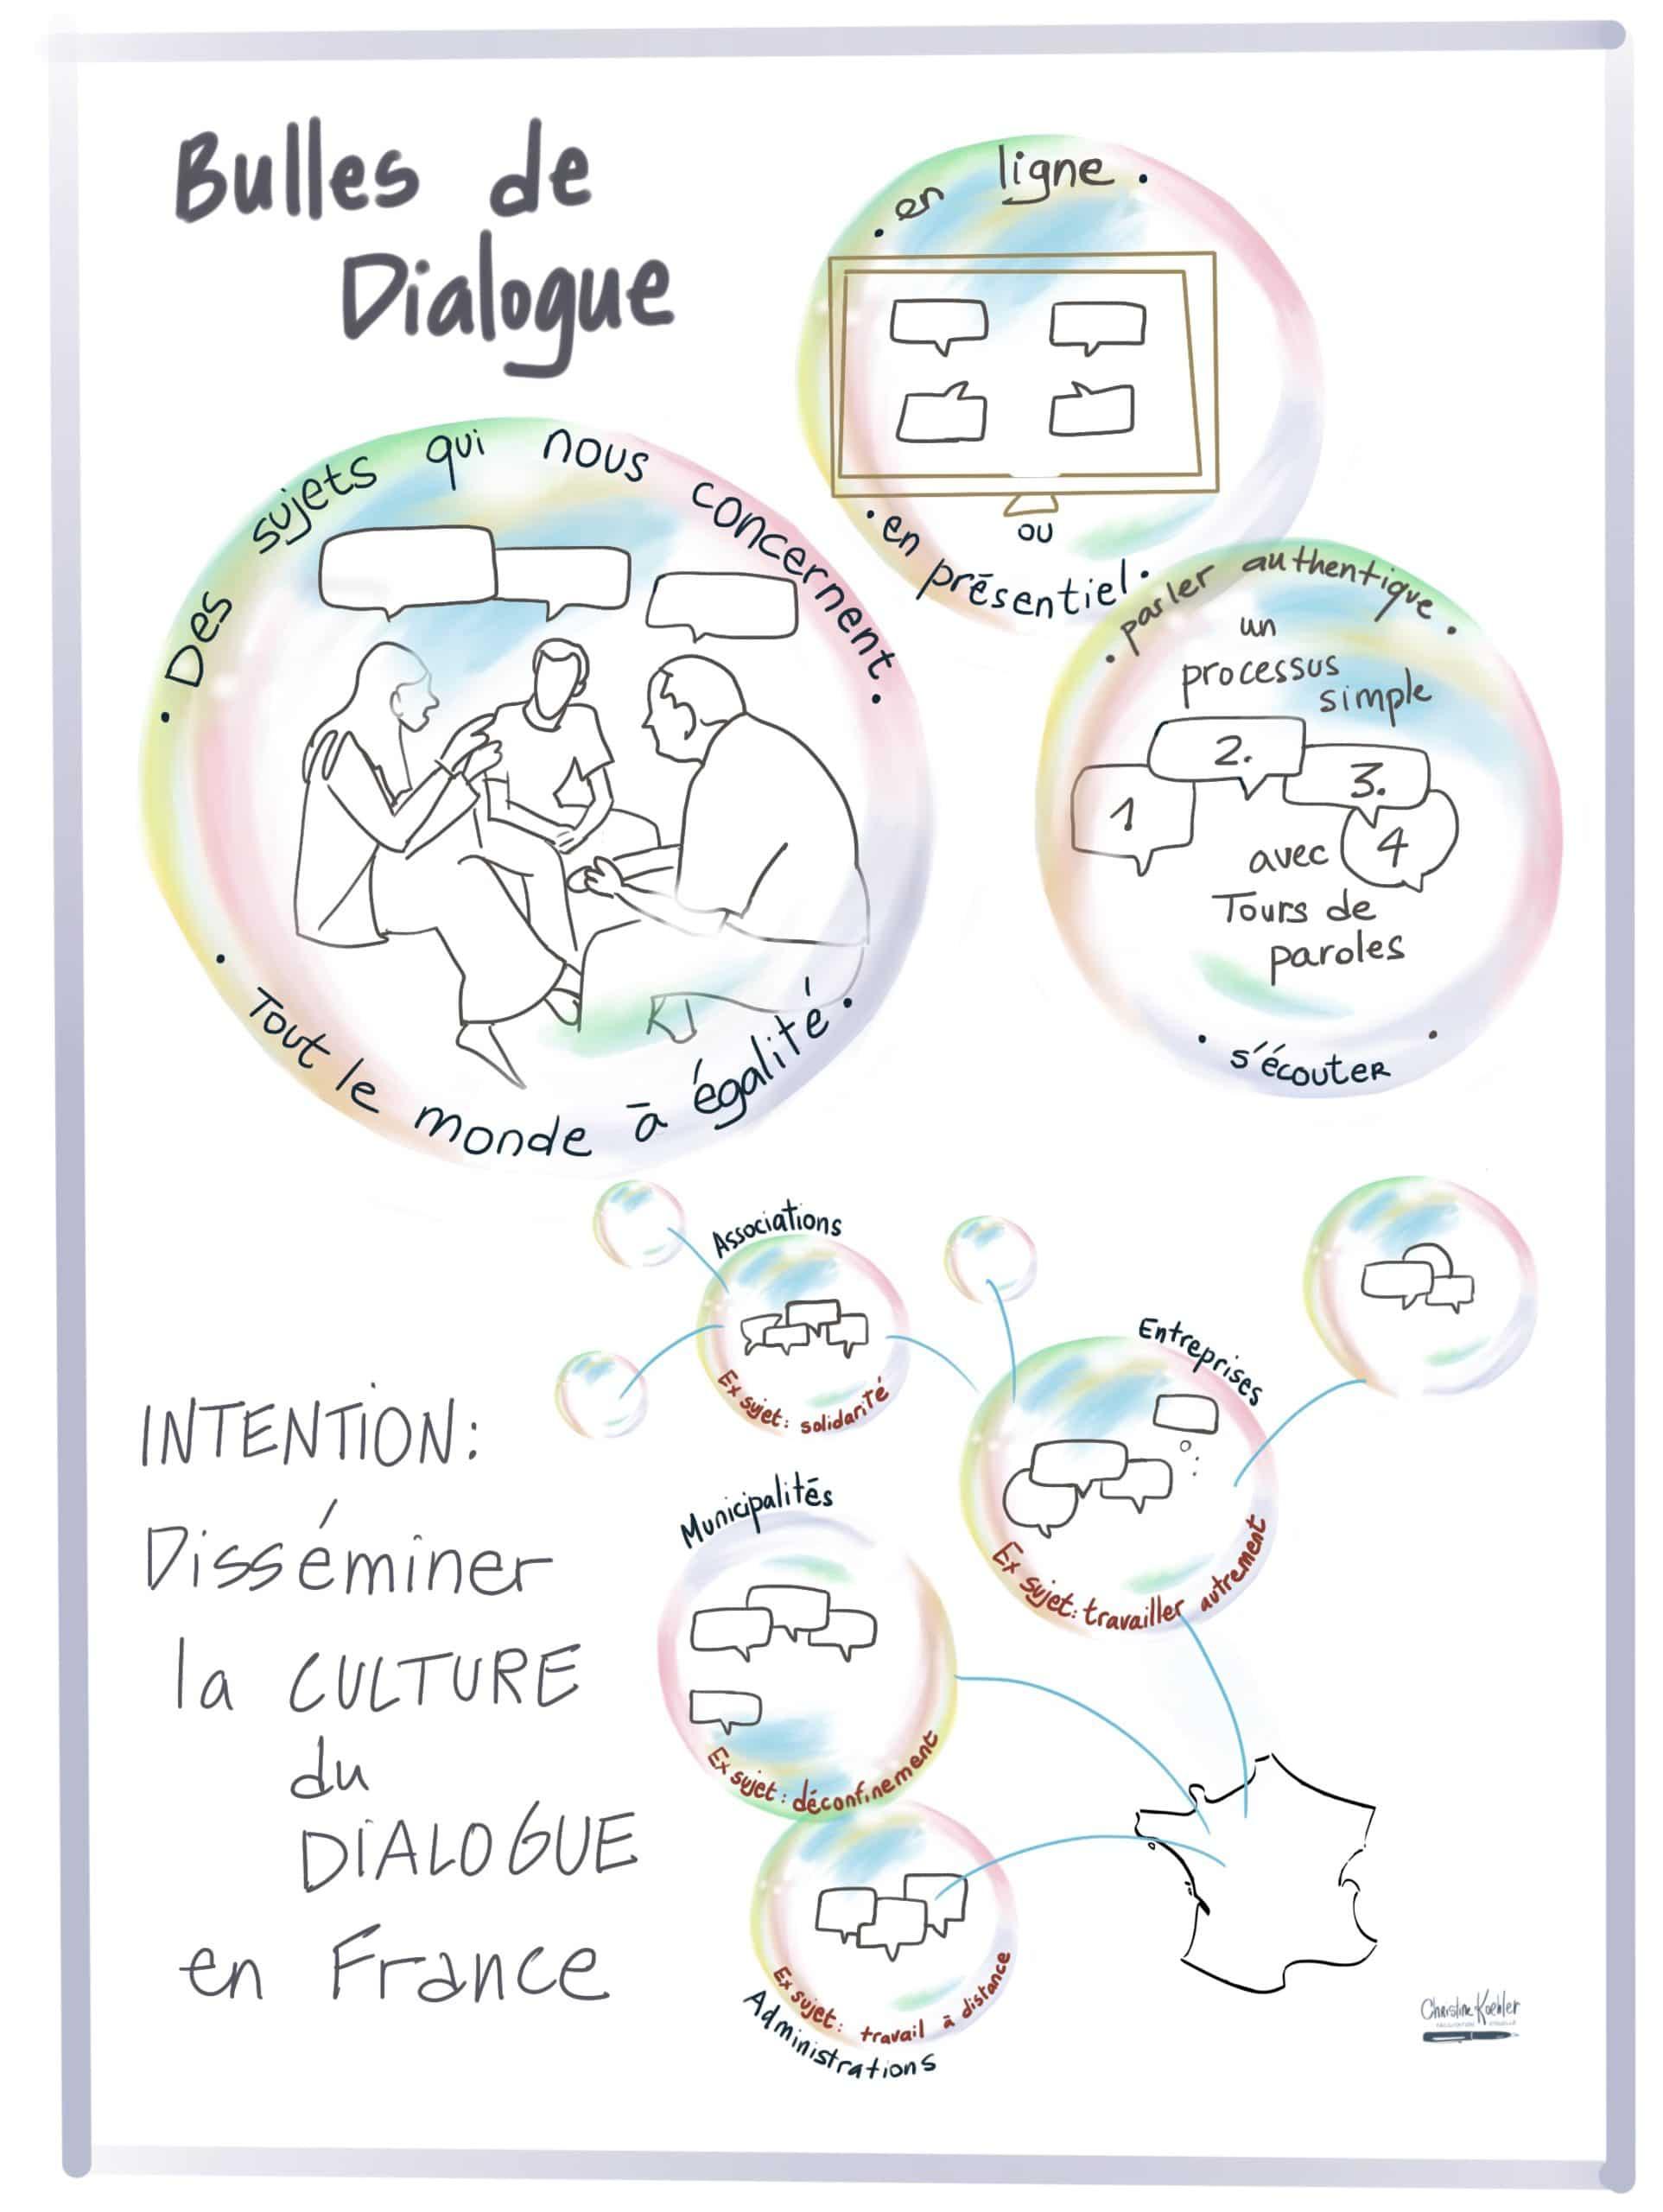 Des Bulles de dialogue pour disséminer la culture du dialogue en France